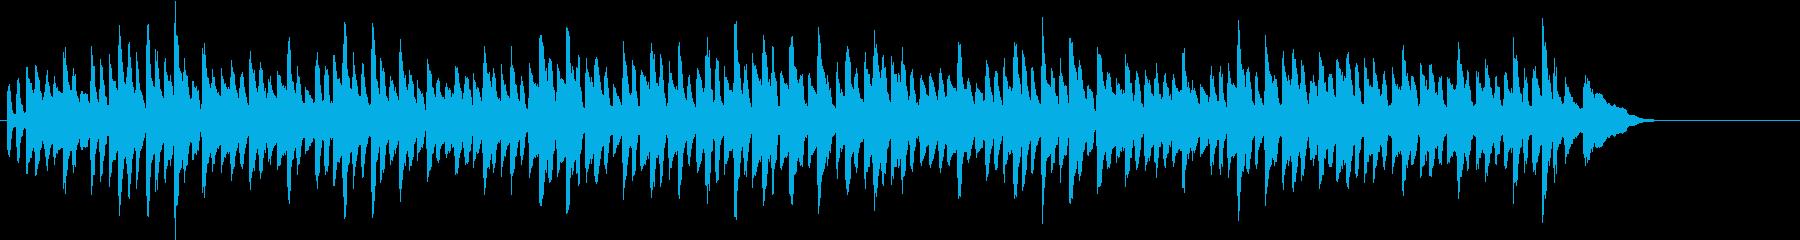 チャイコフスキーのかわいらしいピアノ曲の再生済みの波形